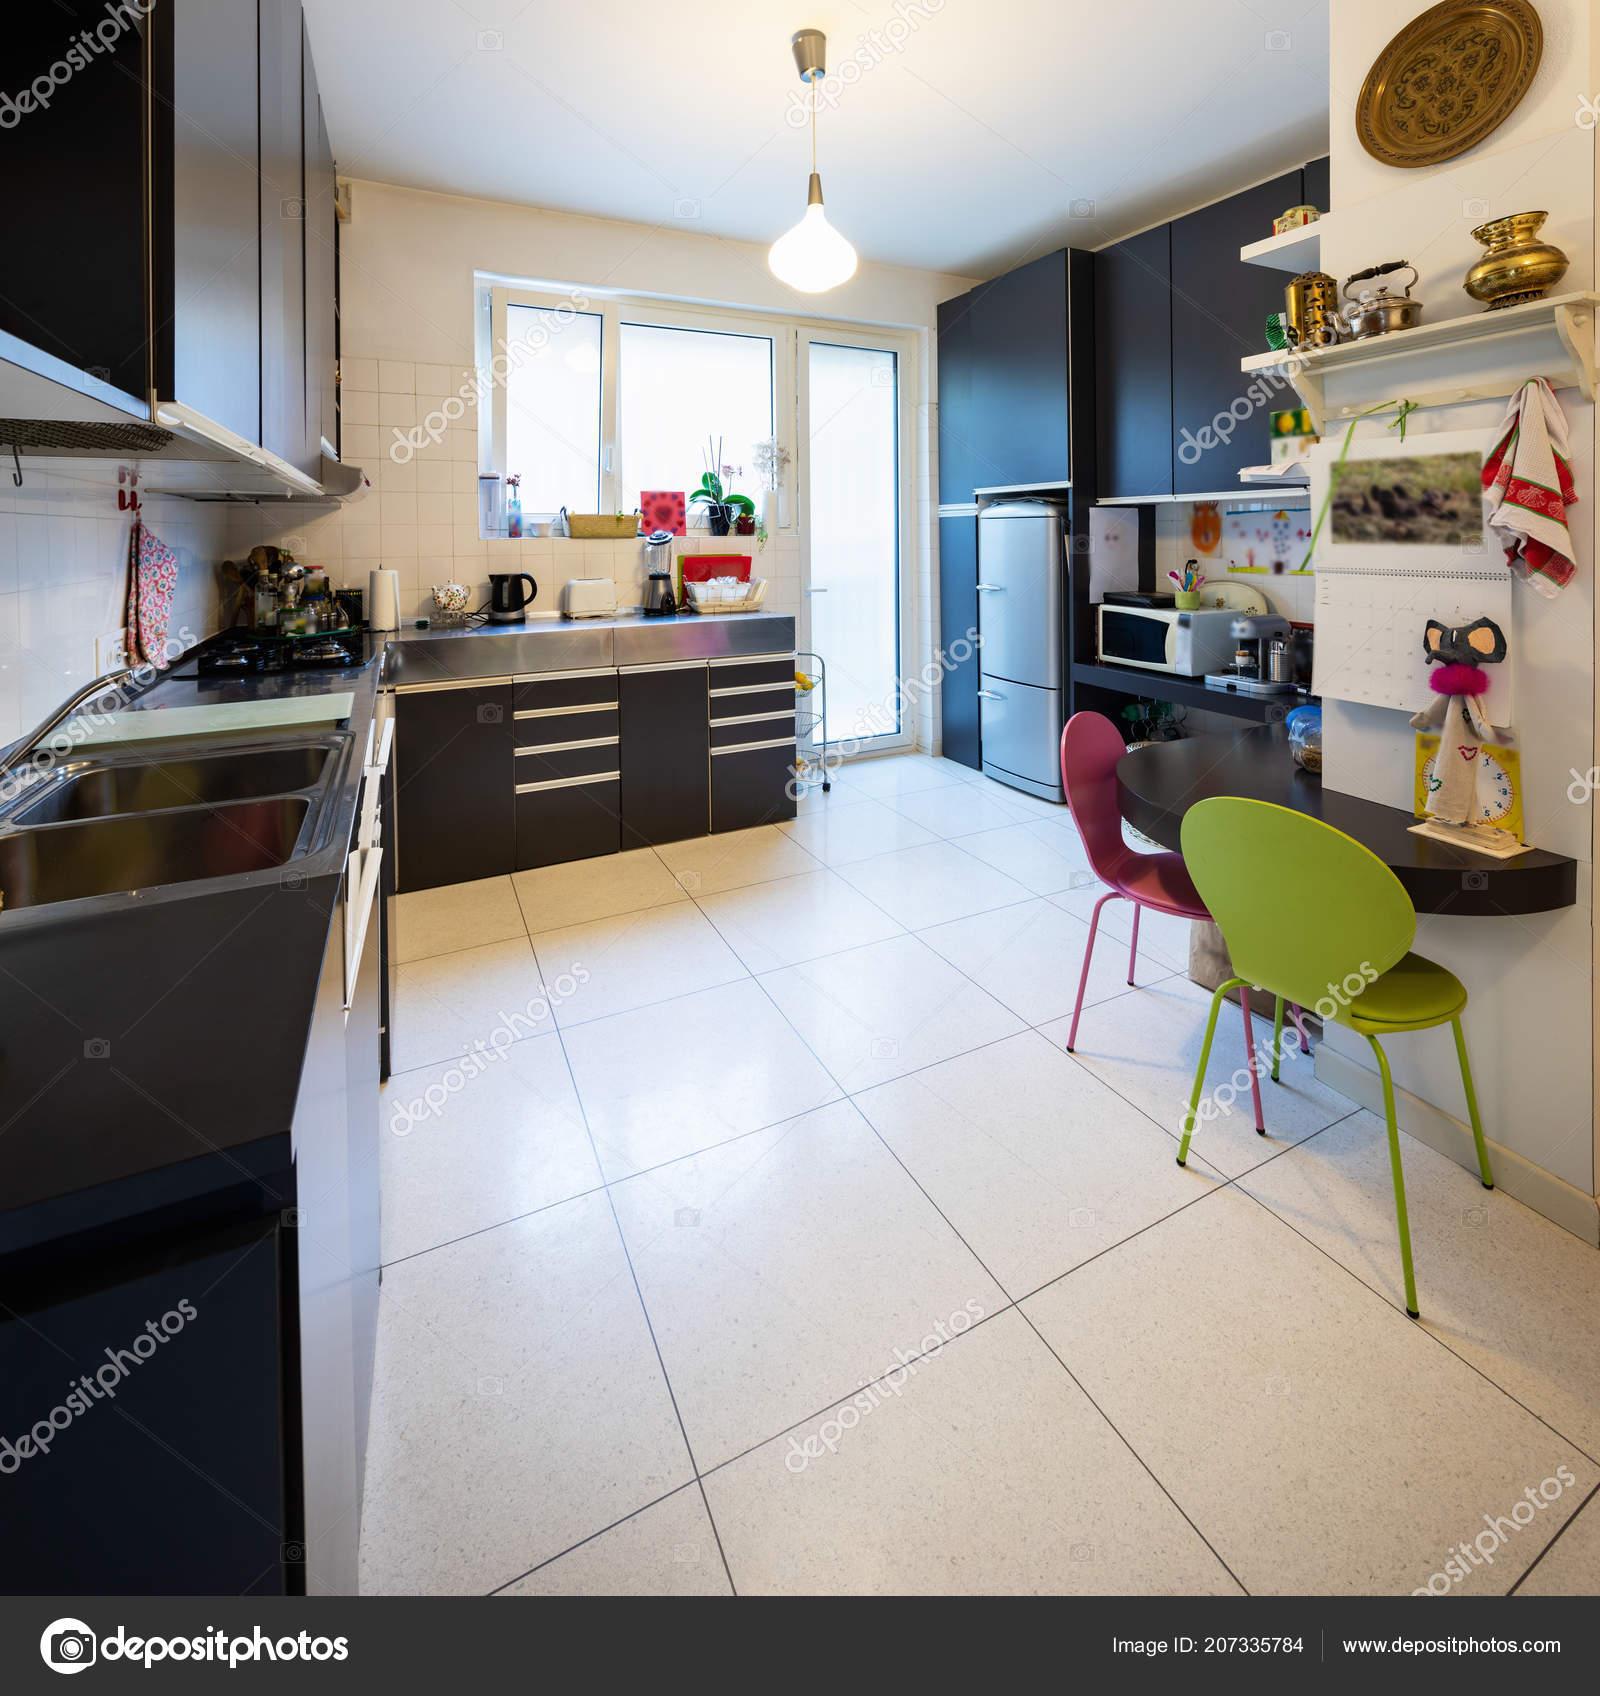 Cocina Con Muebles Oscuros Ventana Brillante Nadie Dentro — Foto de ...